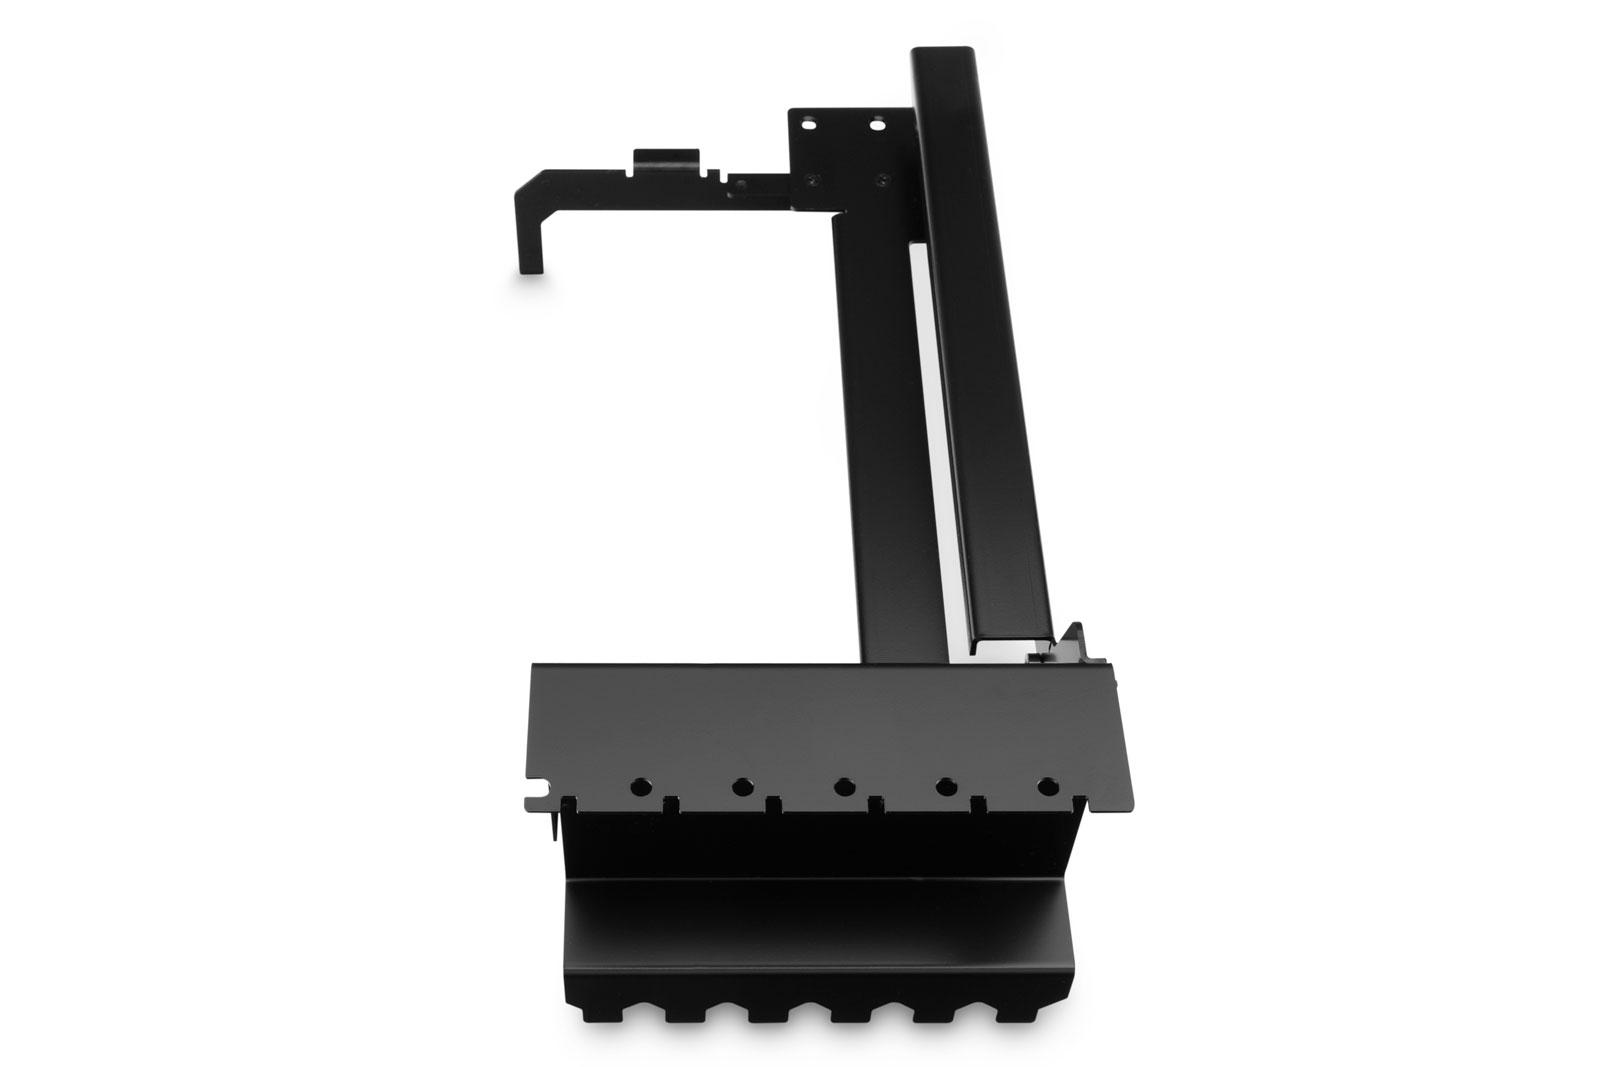 Кронштейн EK-Loop Vertical GPU Holder - Shifted позволяет устанавливать видеокарты вертикально